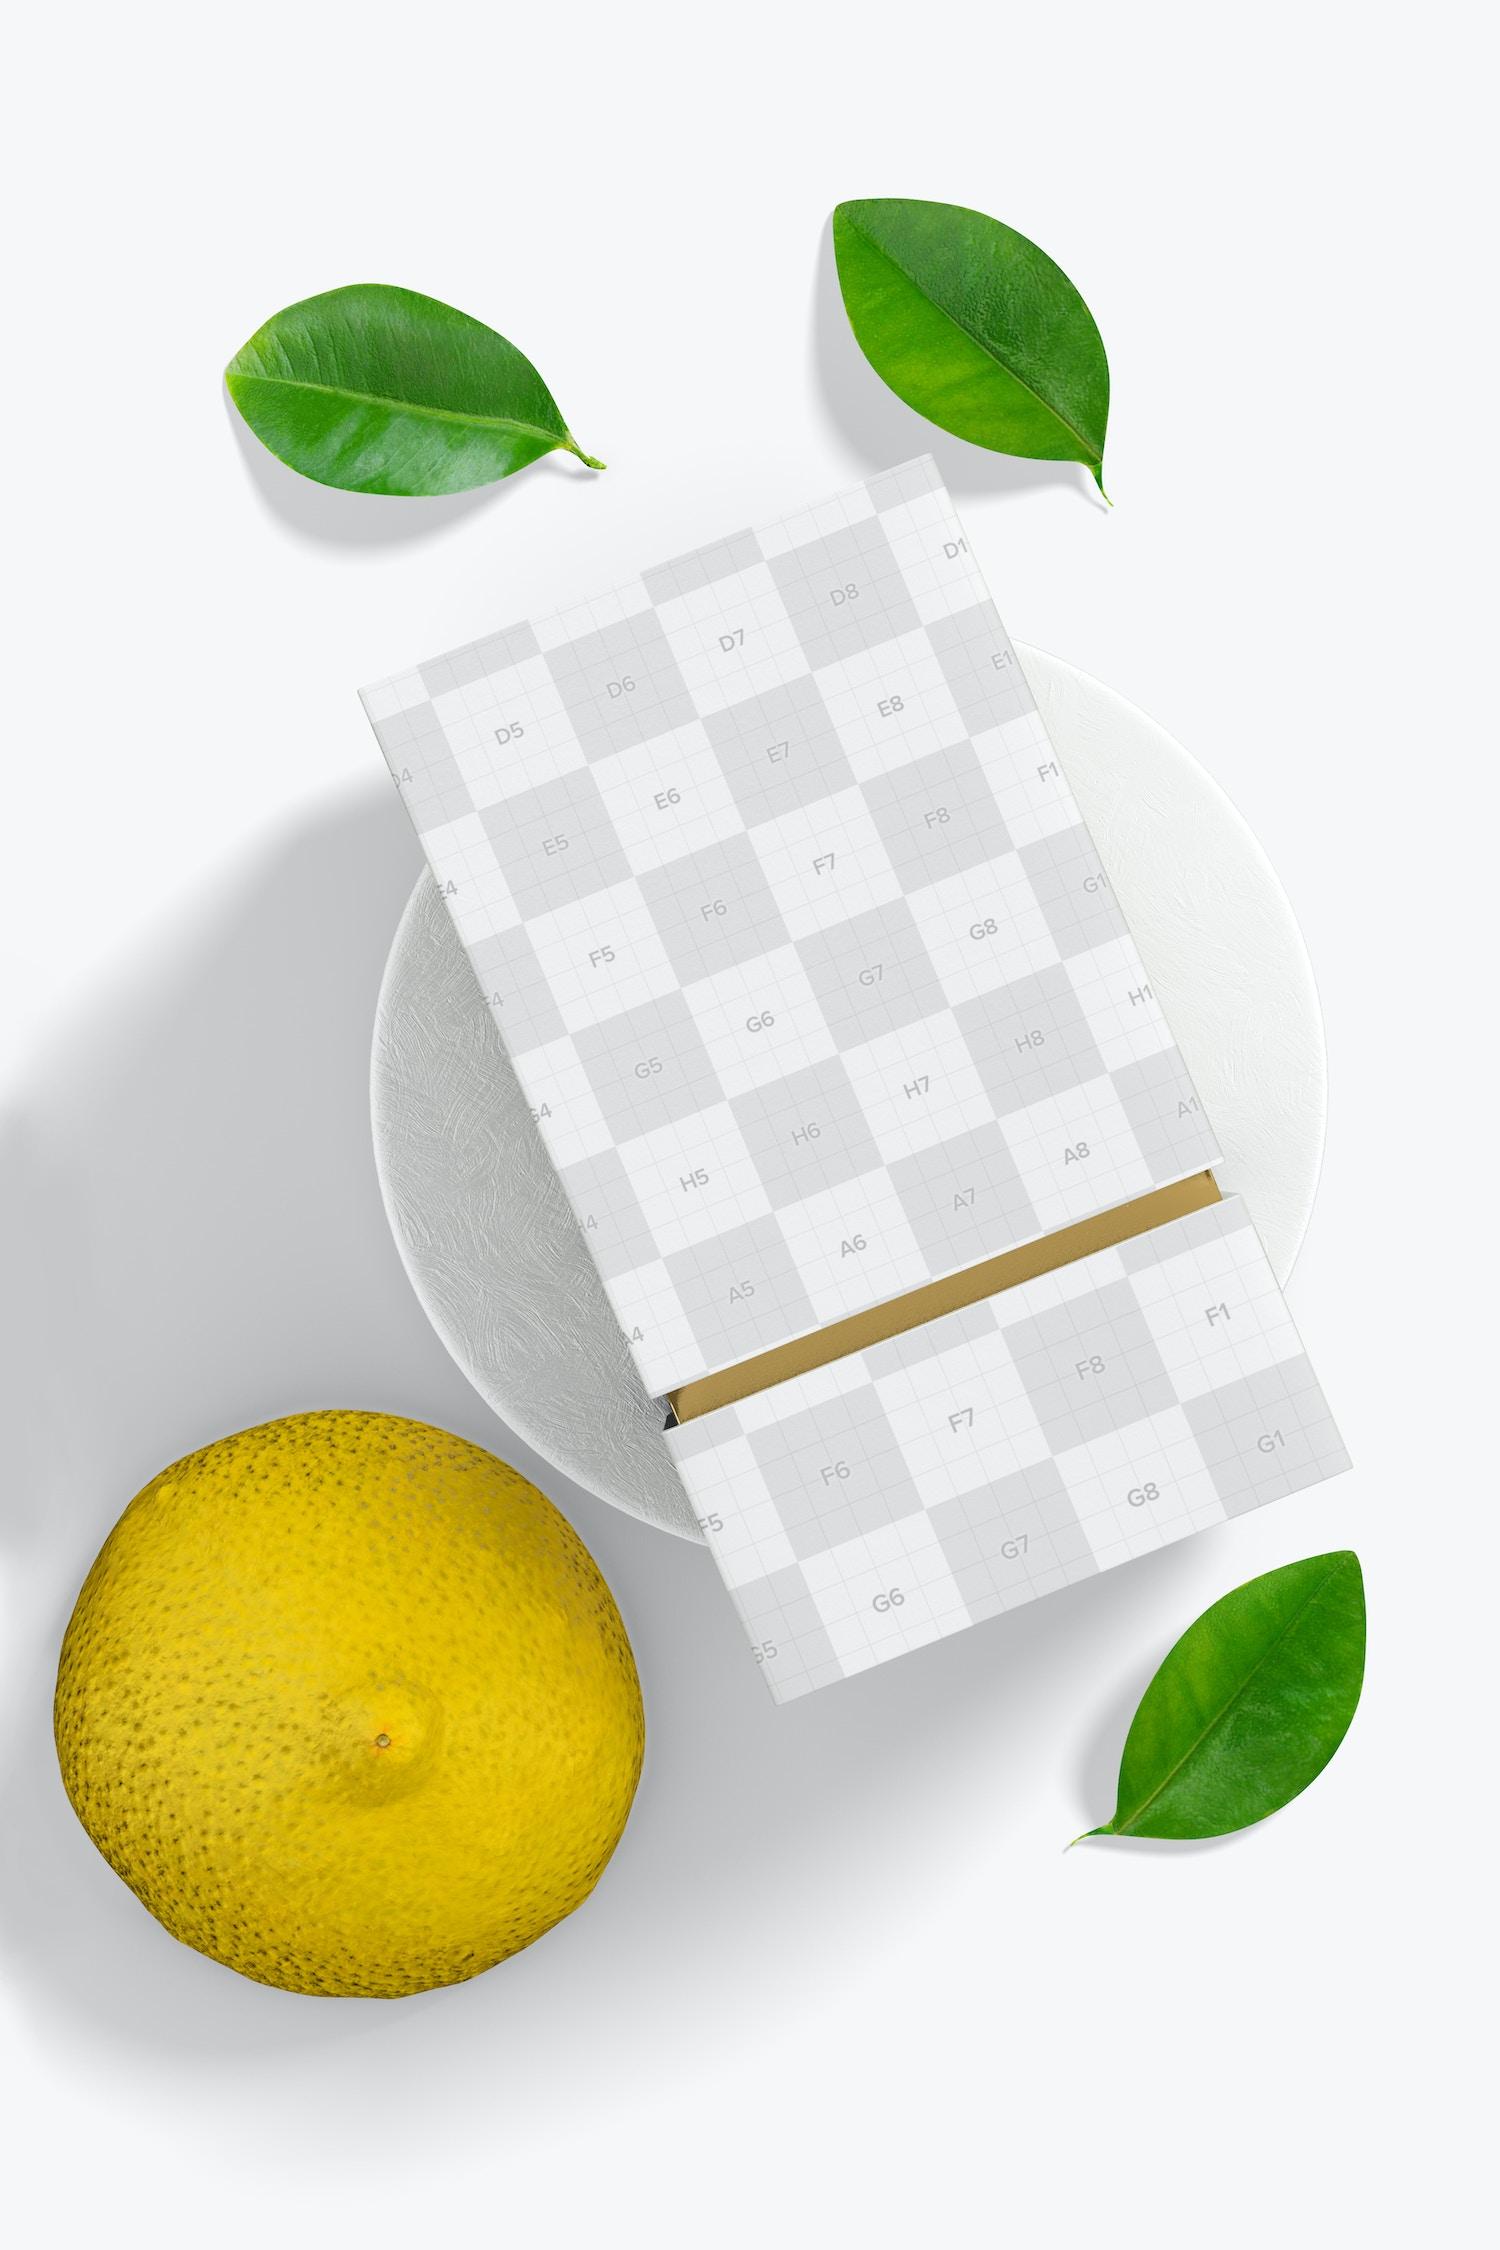 Luxury Sliding Box Mockup, on Surface 02